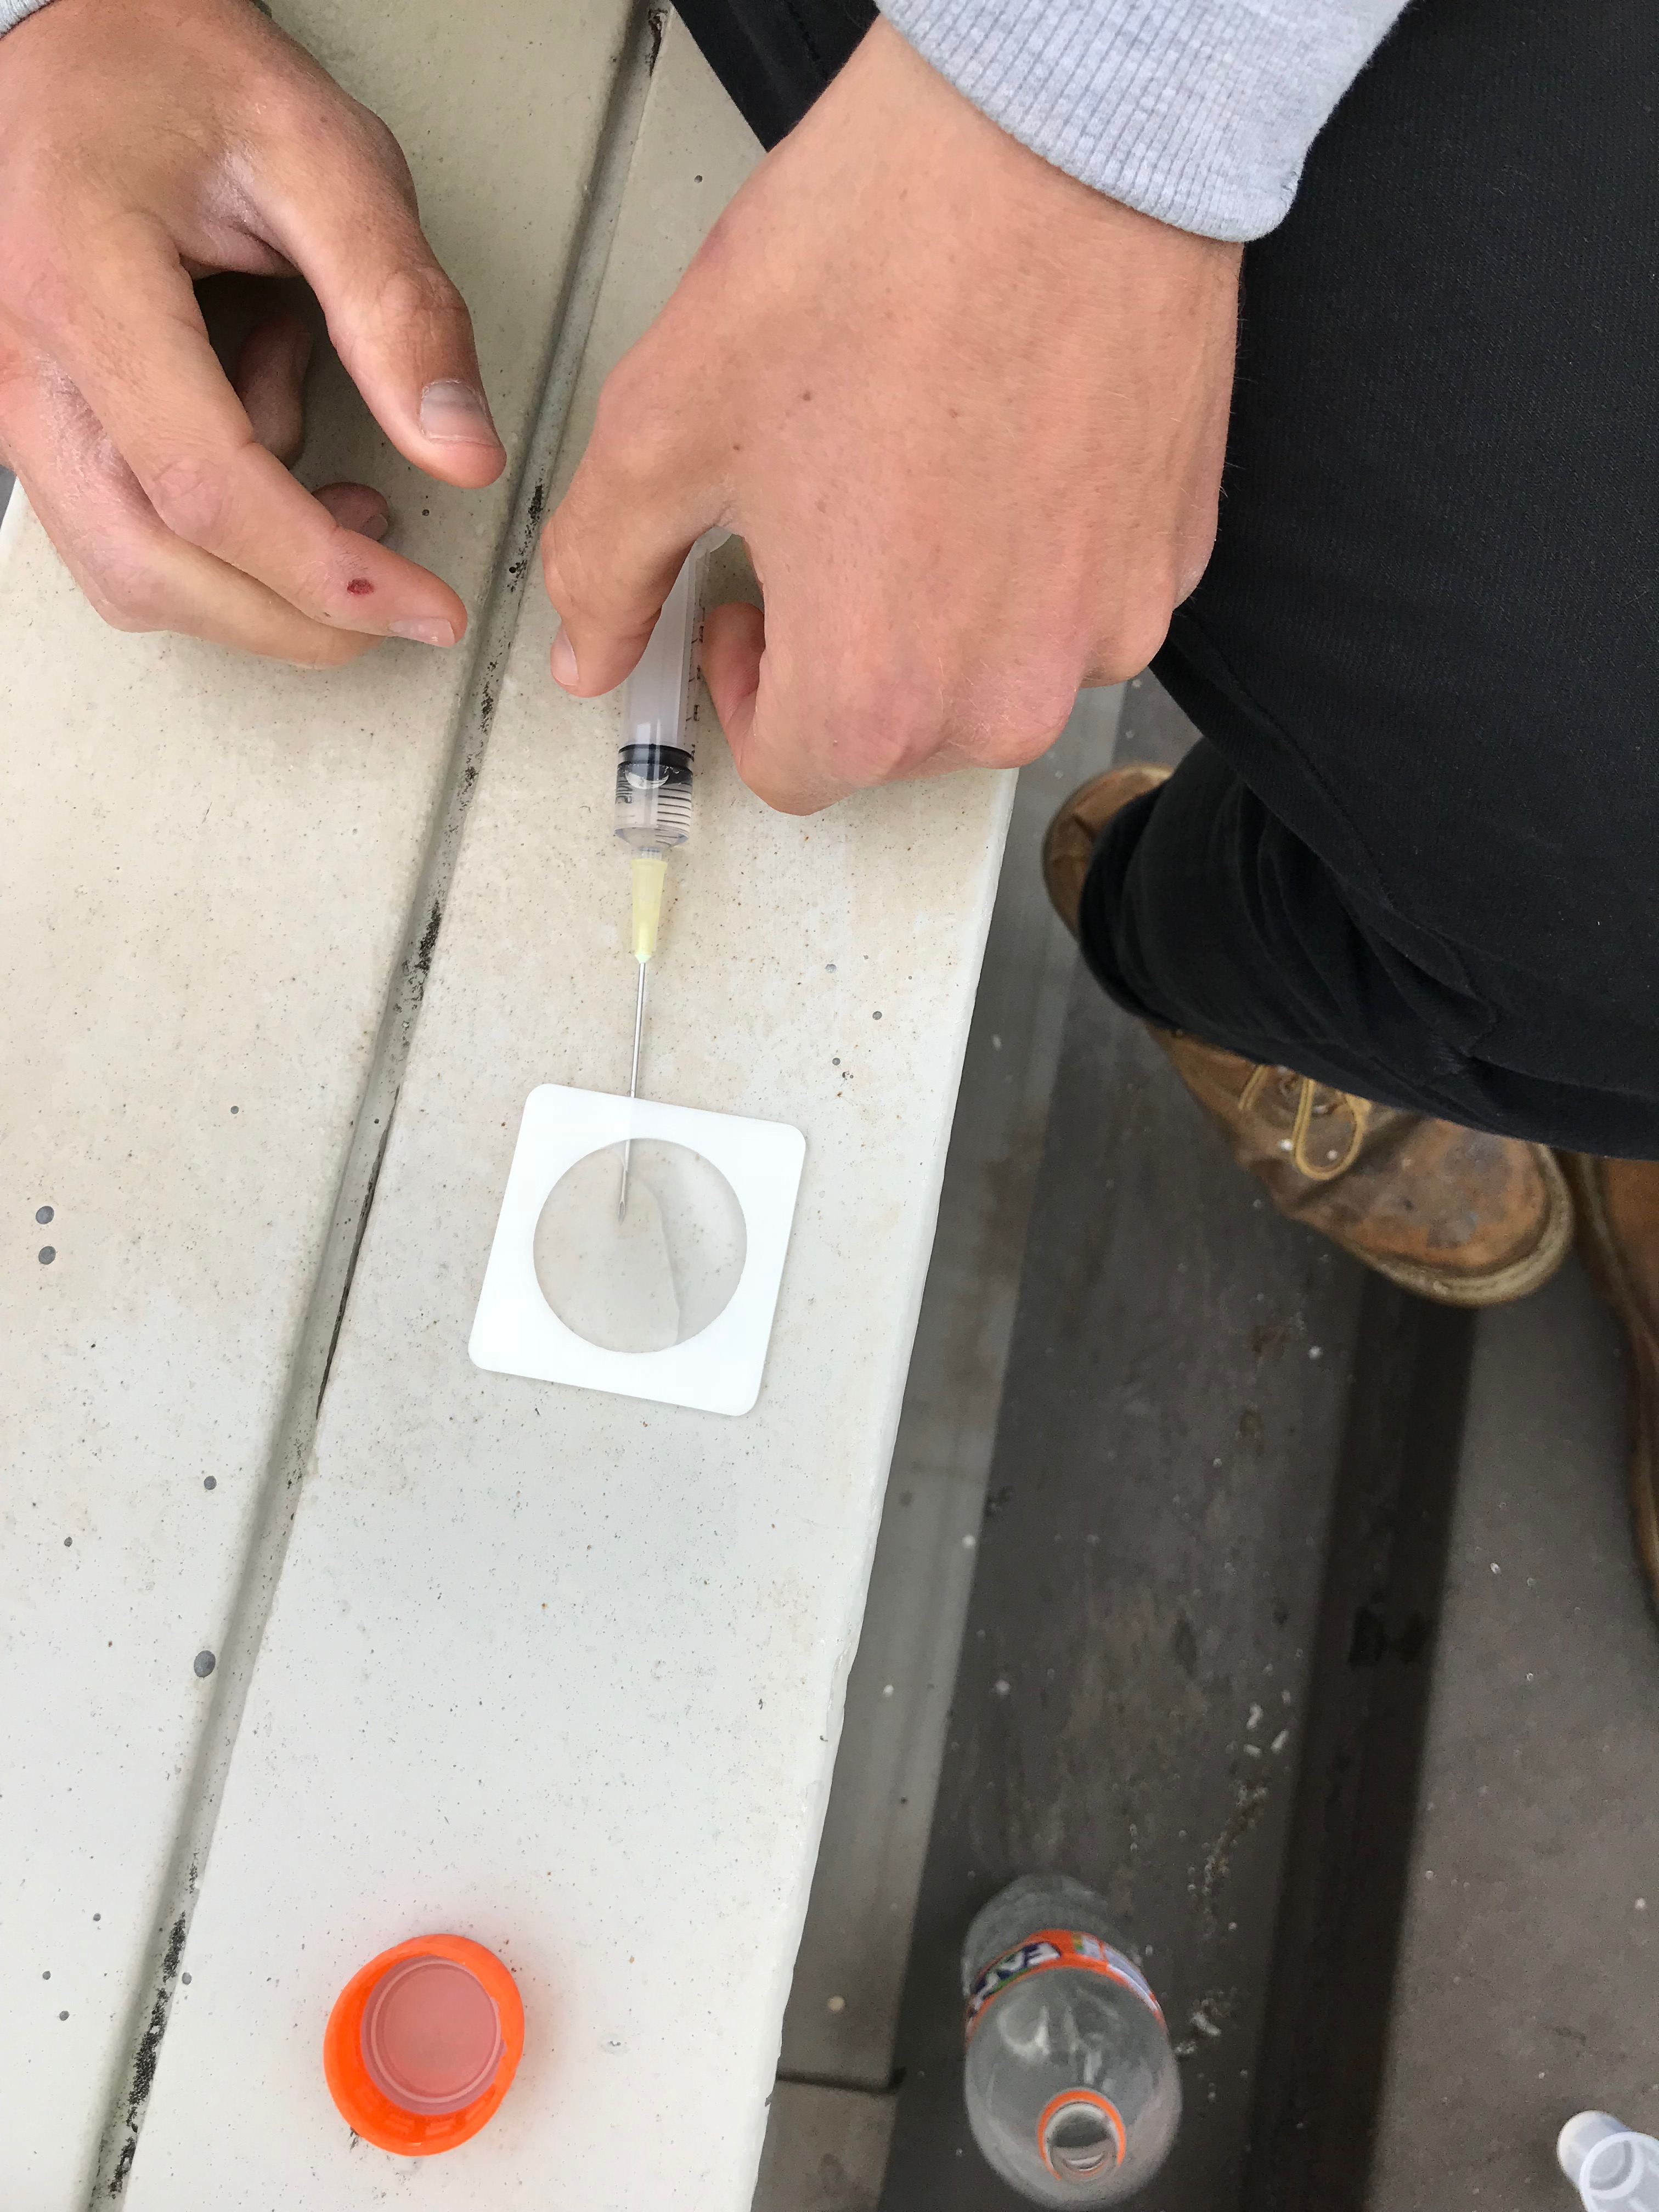 Salt testing